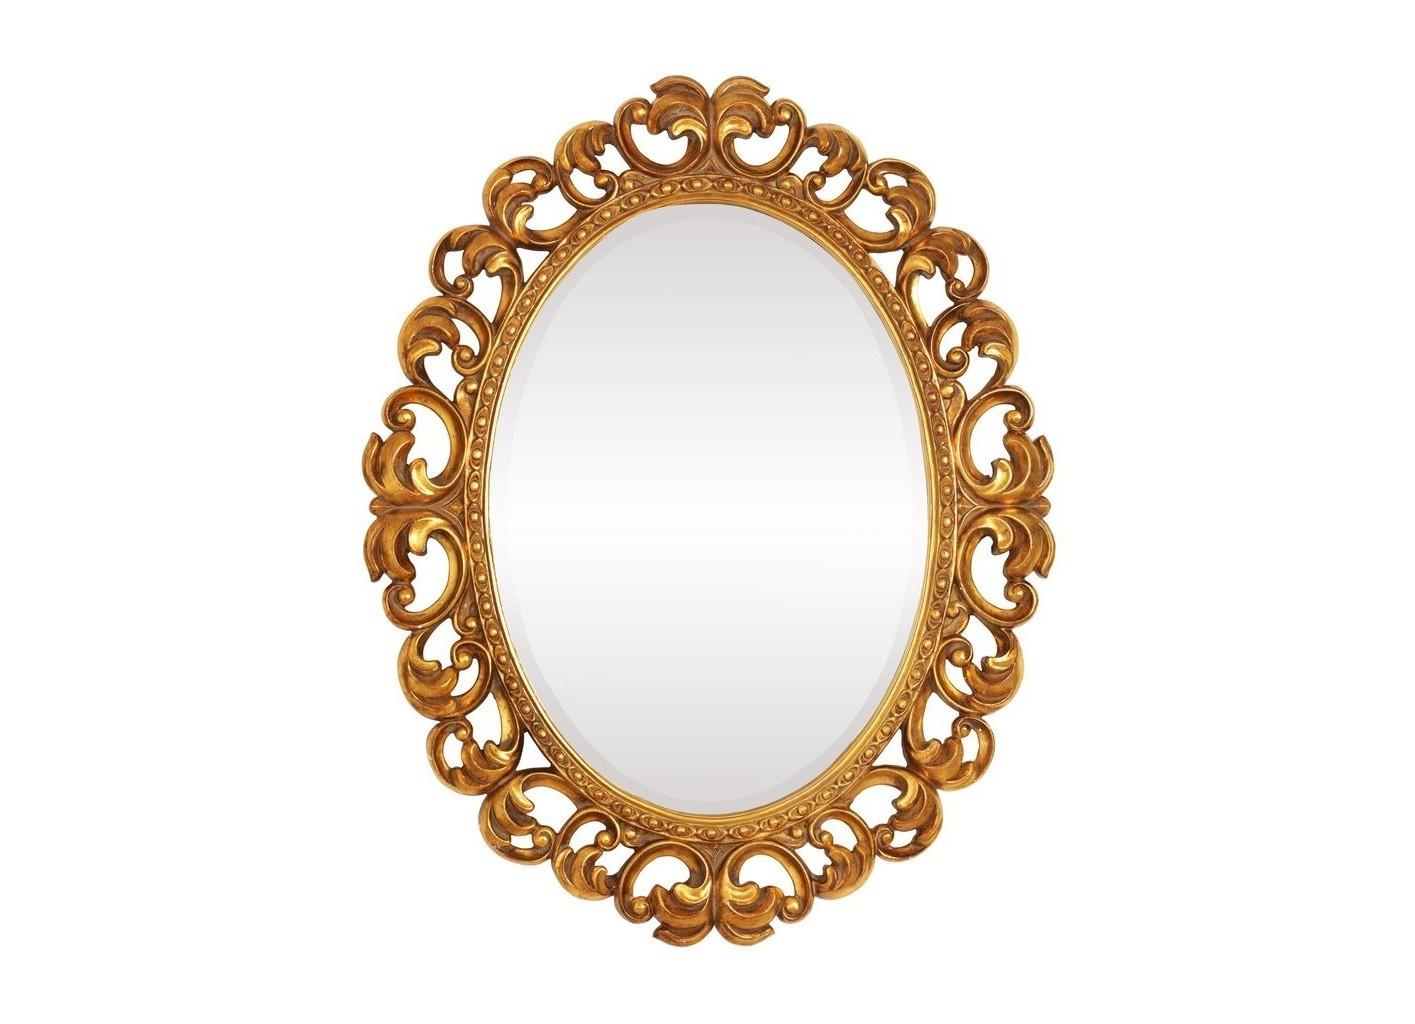 Зеркало ШербурНастенные зеркала<br>Крепления входят в стоимость.<br><br>Material: Пластик<br>Ширина см: 80<br>Высота см: 100<br>Глубина см: 4